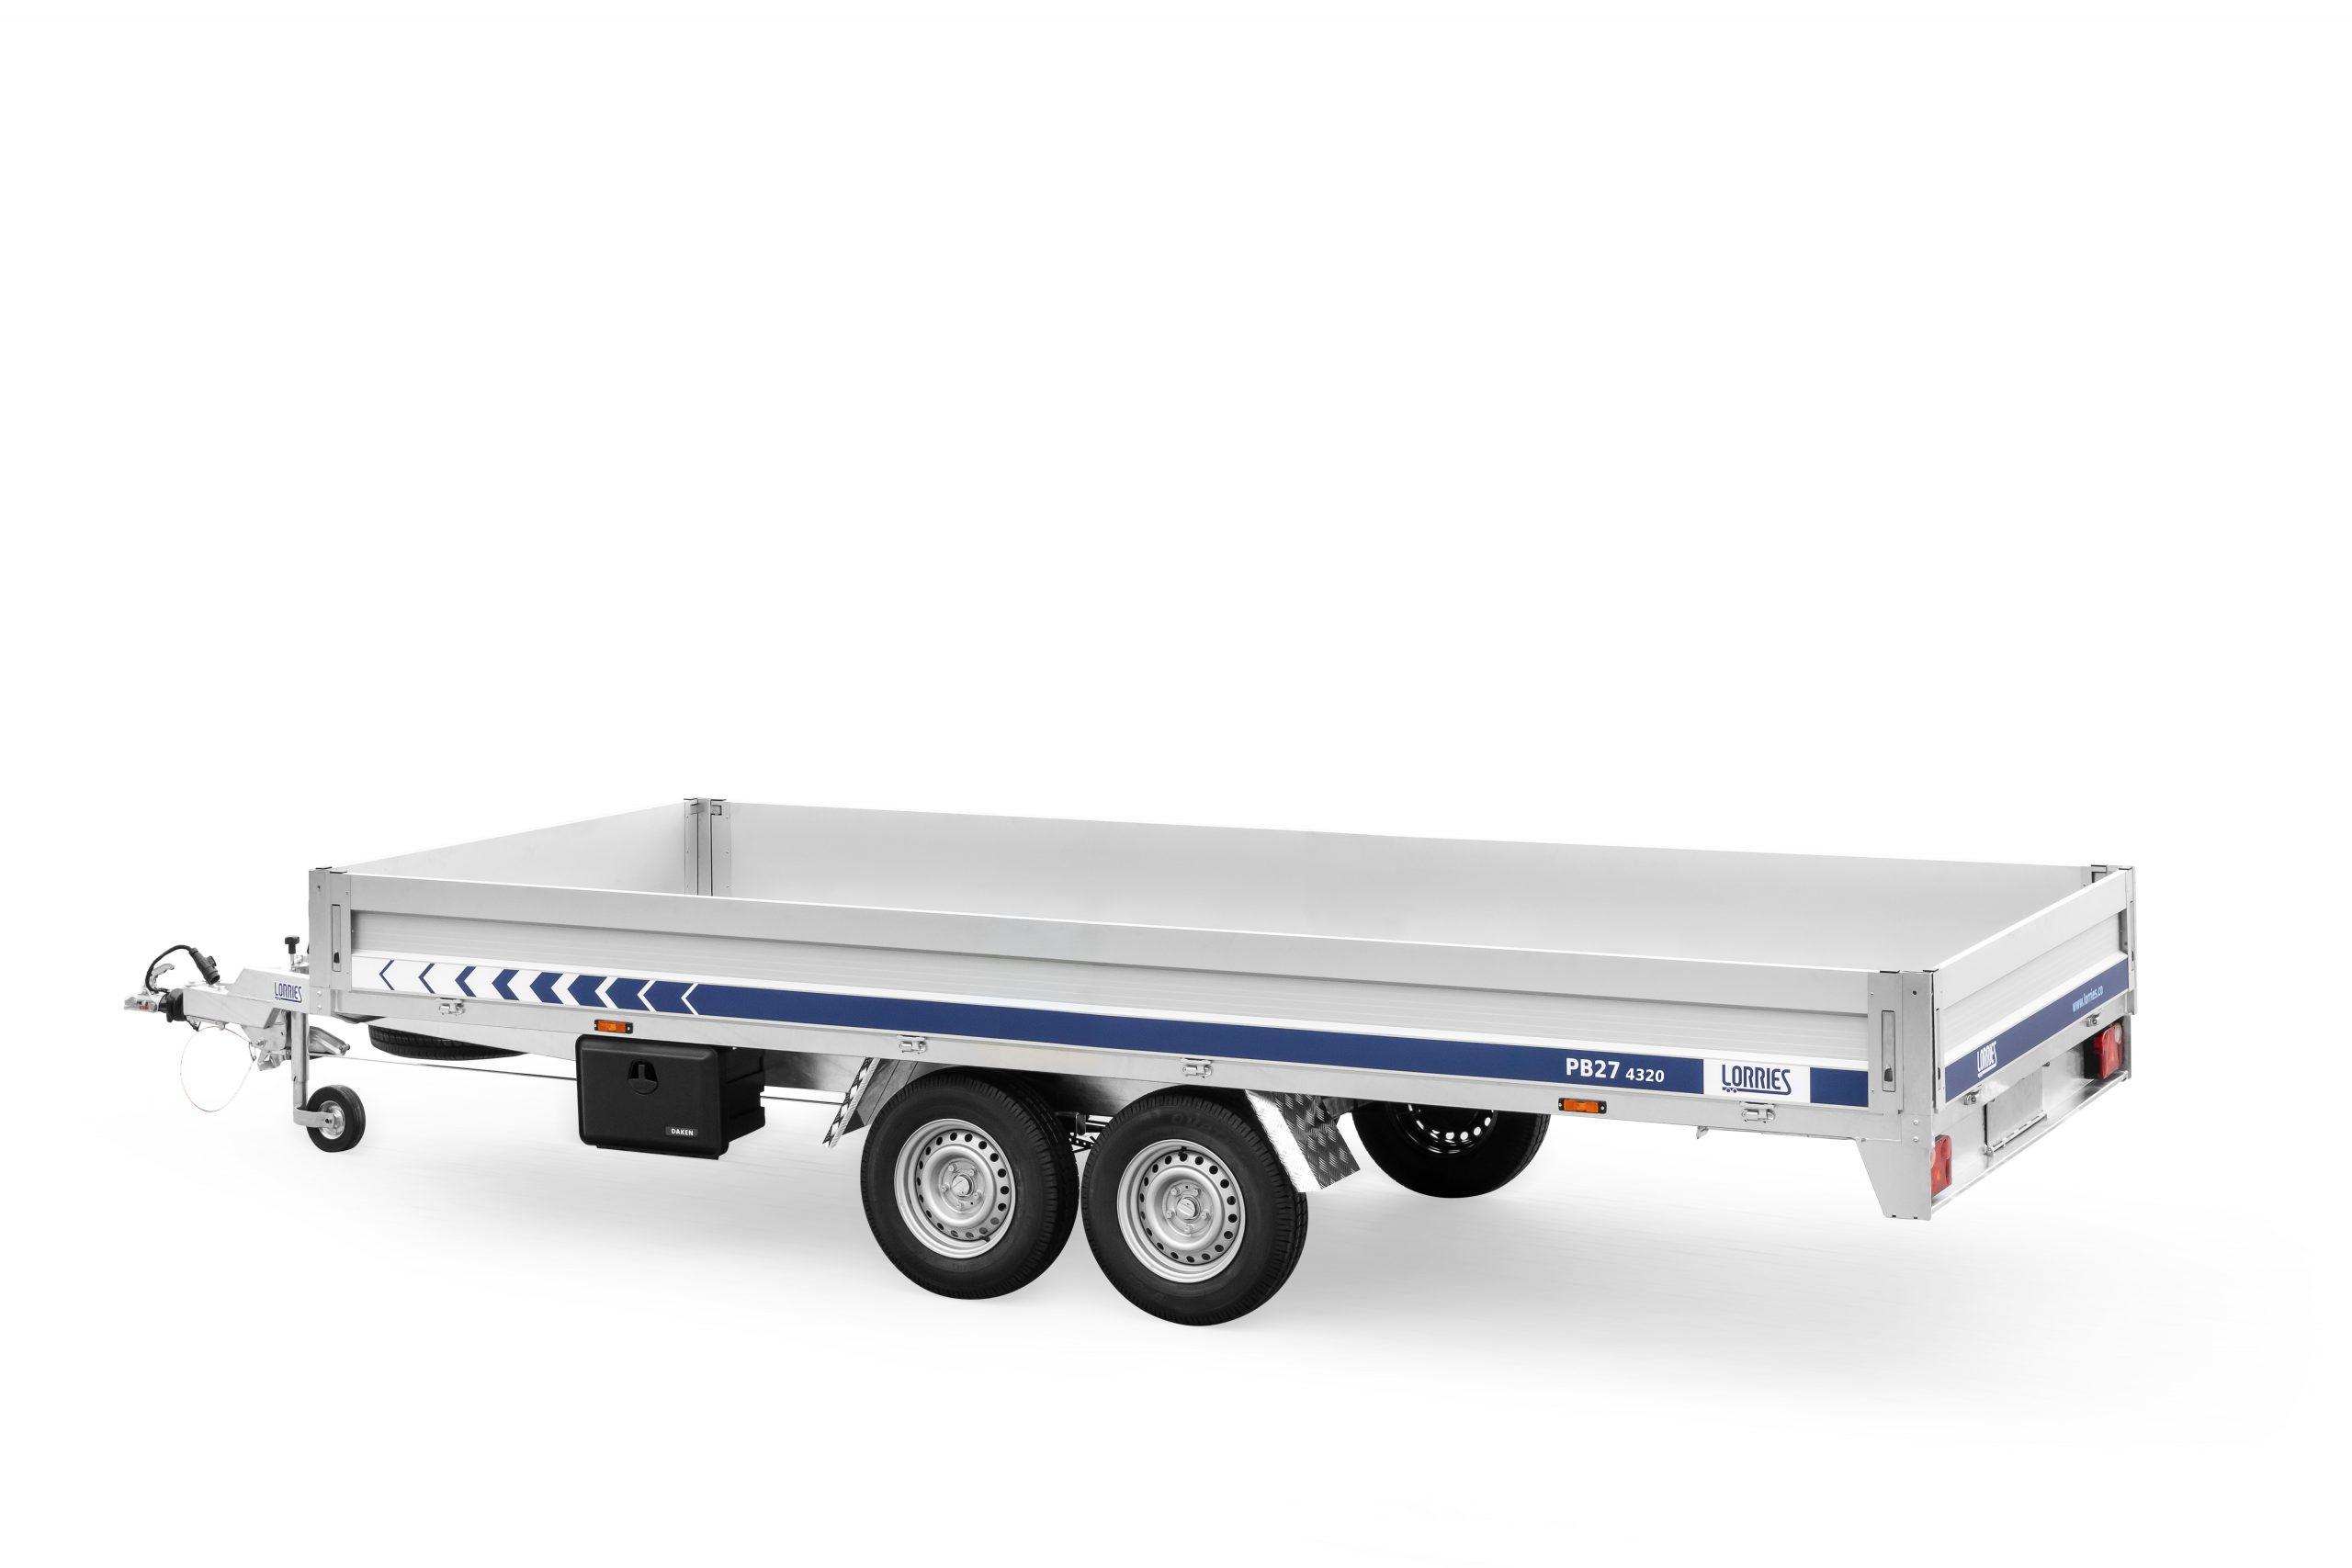 LORRIES przyczepa burtowa do transportu maszyn i towarów ciężkich PB27-4320